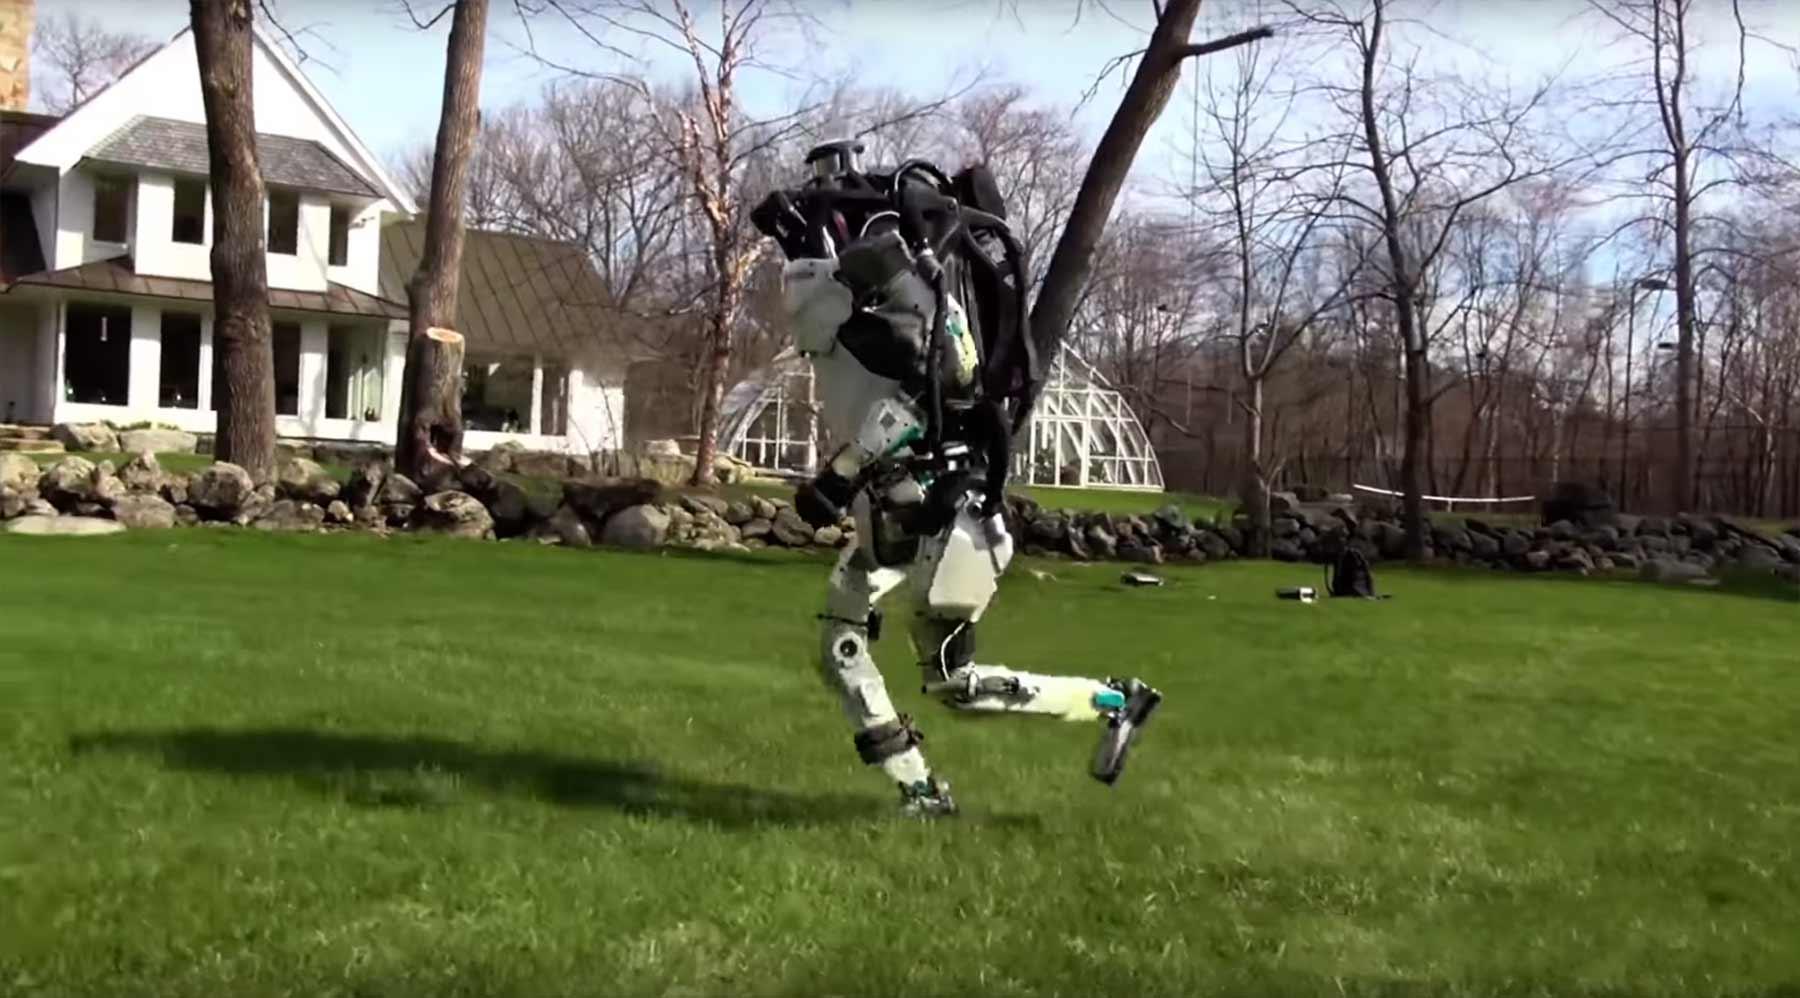 Der Atlas-Roboter von Boston Dynamics auf der Flucht